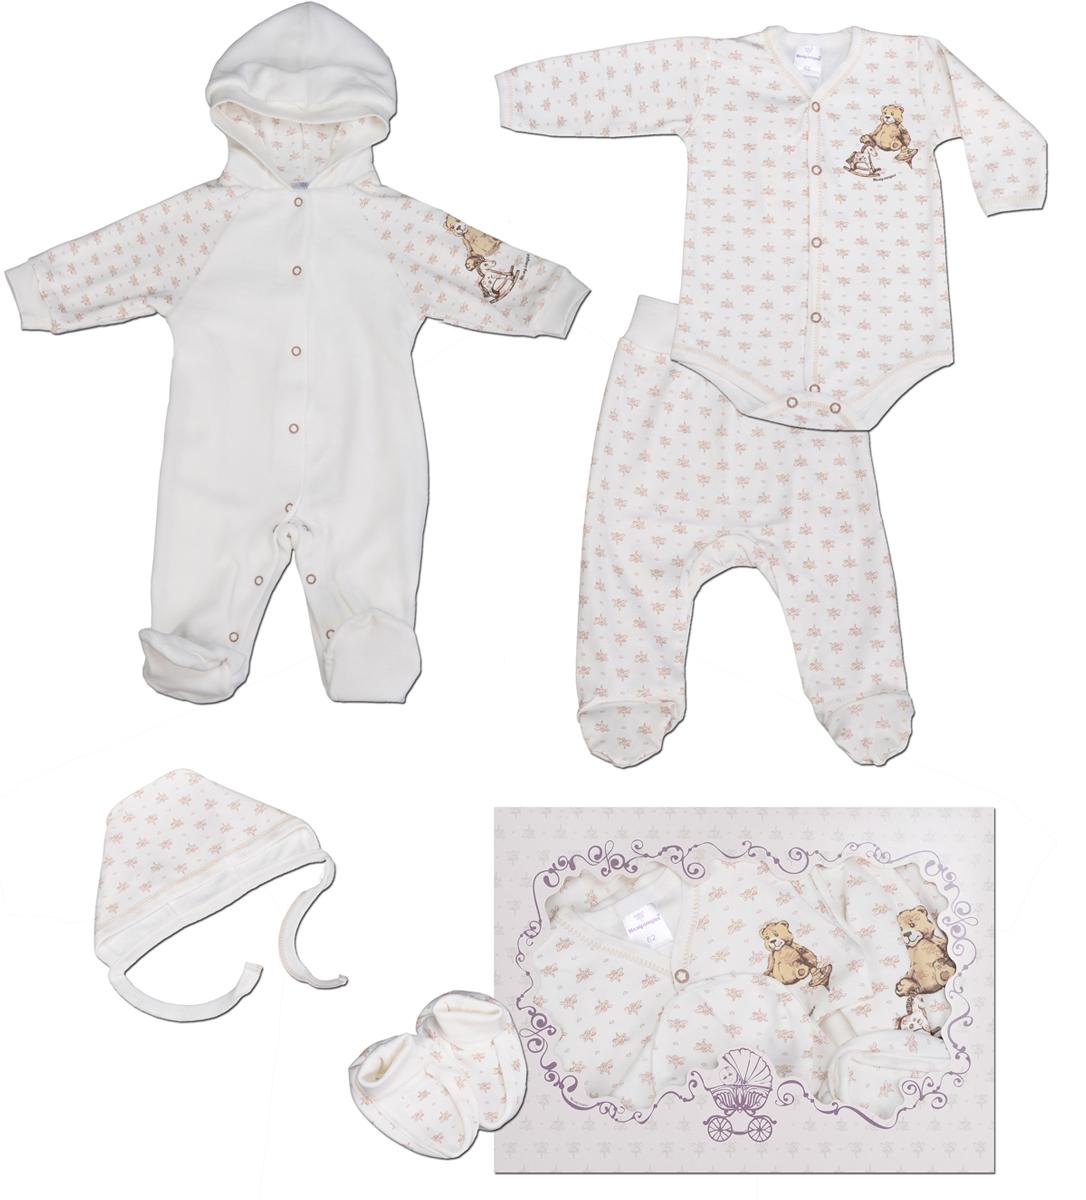 Комплект одежды детский Мамуляндия, цвет: бежевый, 5 предметов. 15-5003П. Размер 62 комбинезон ползунки боди next 2014